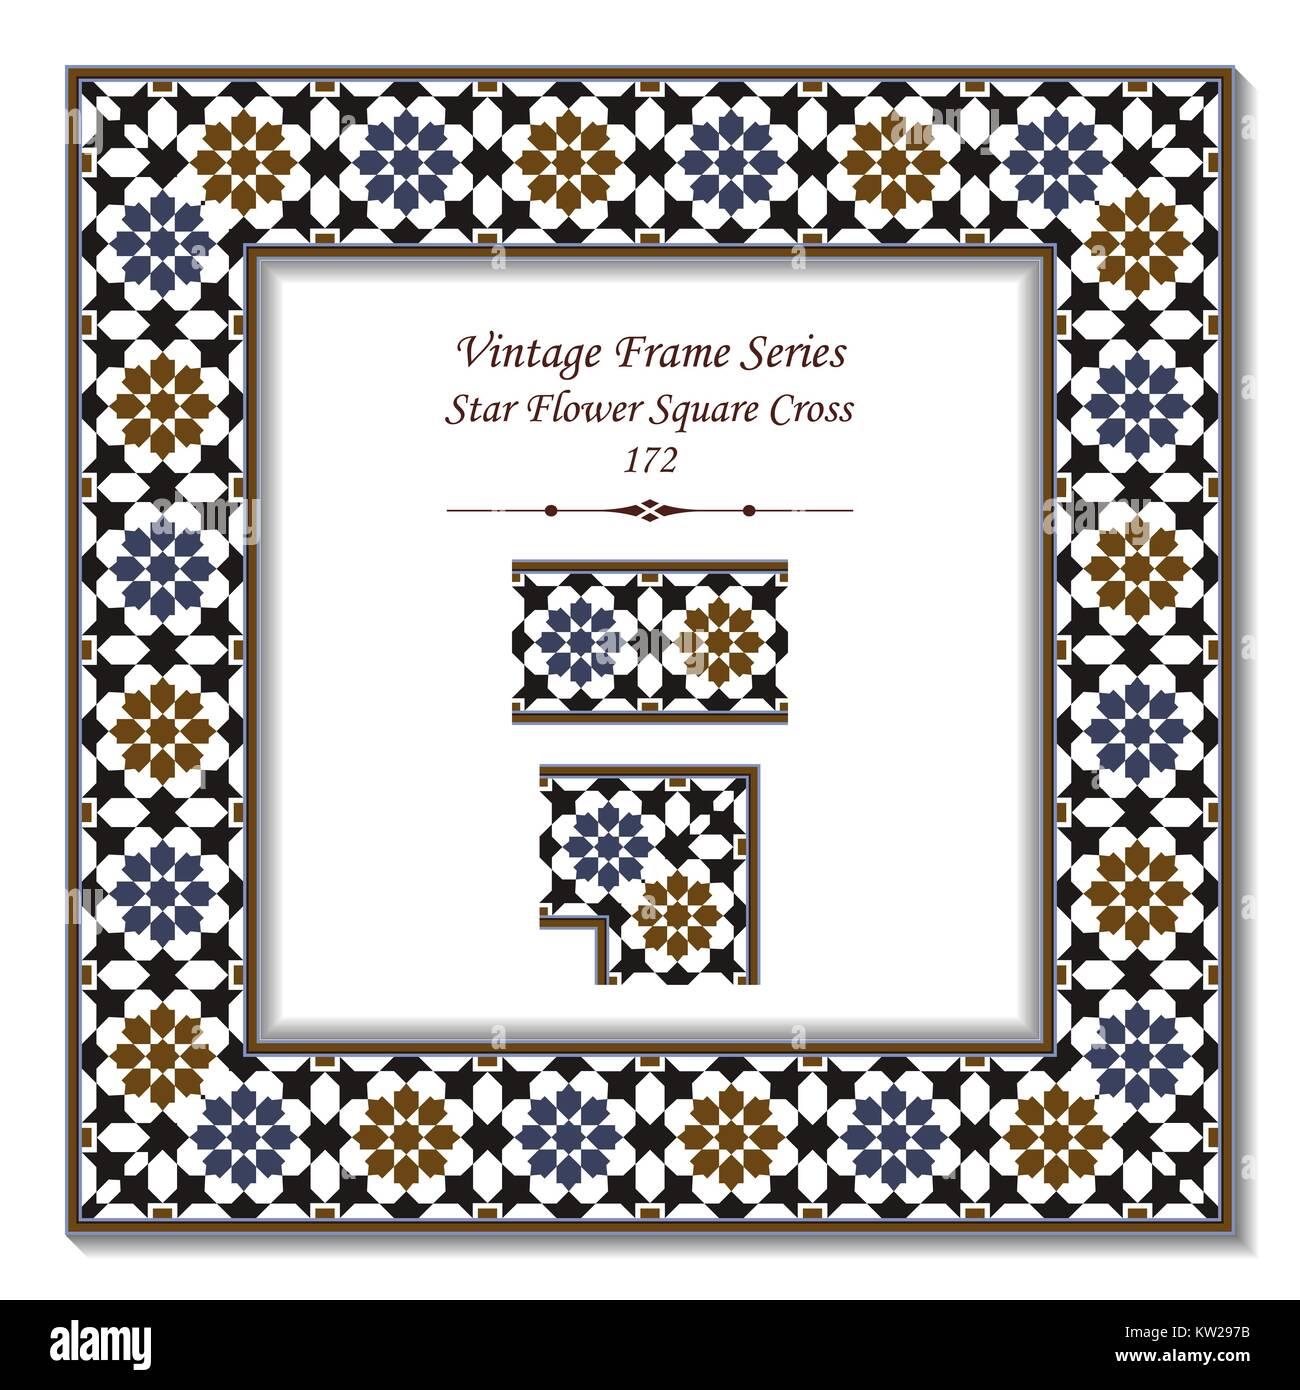 Vintage 3D frame of Islamic Star Flower Square Cross Stock Vector ...